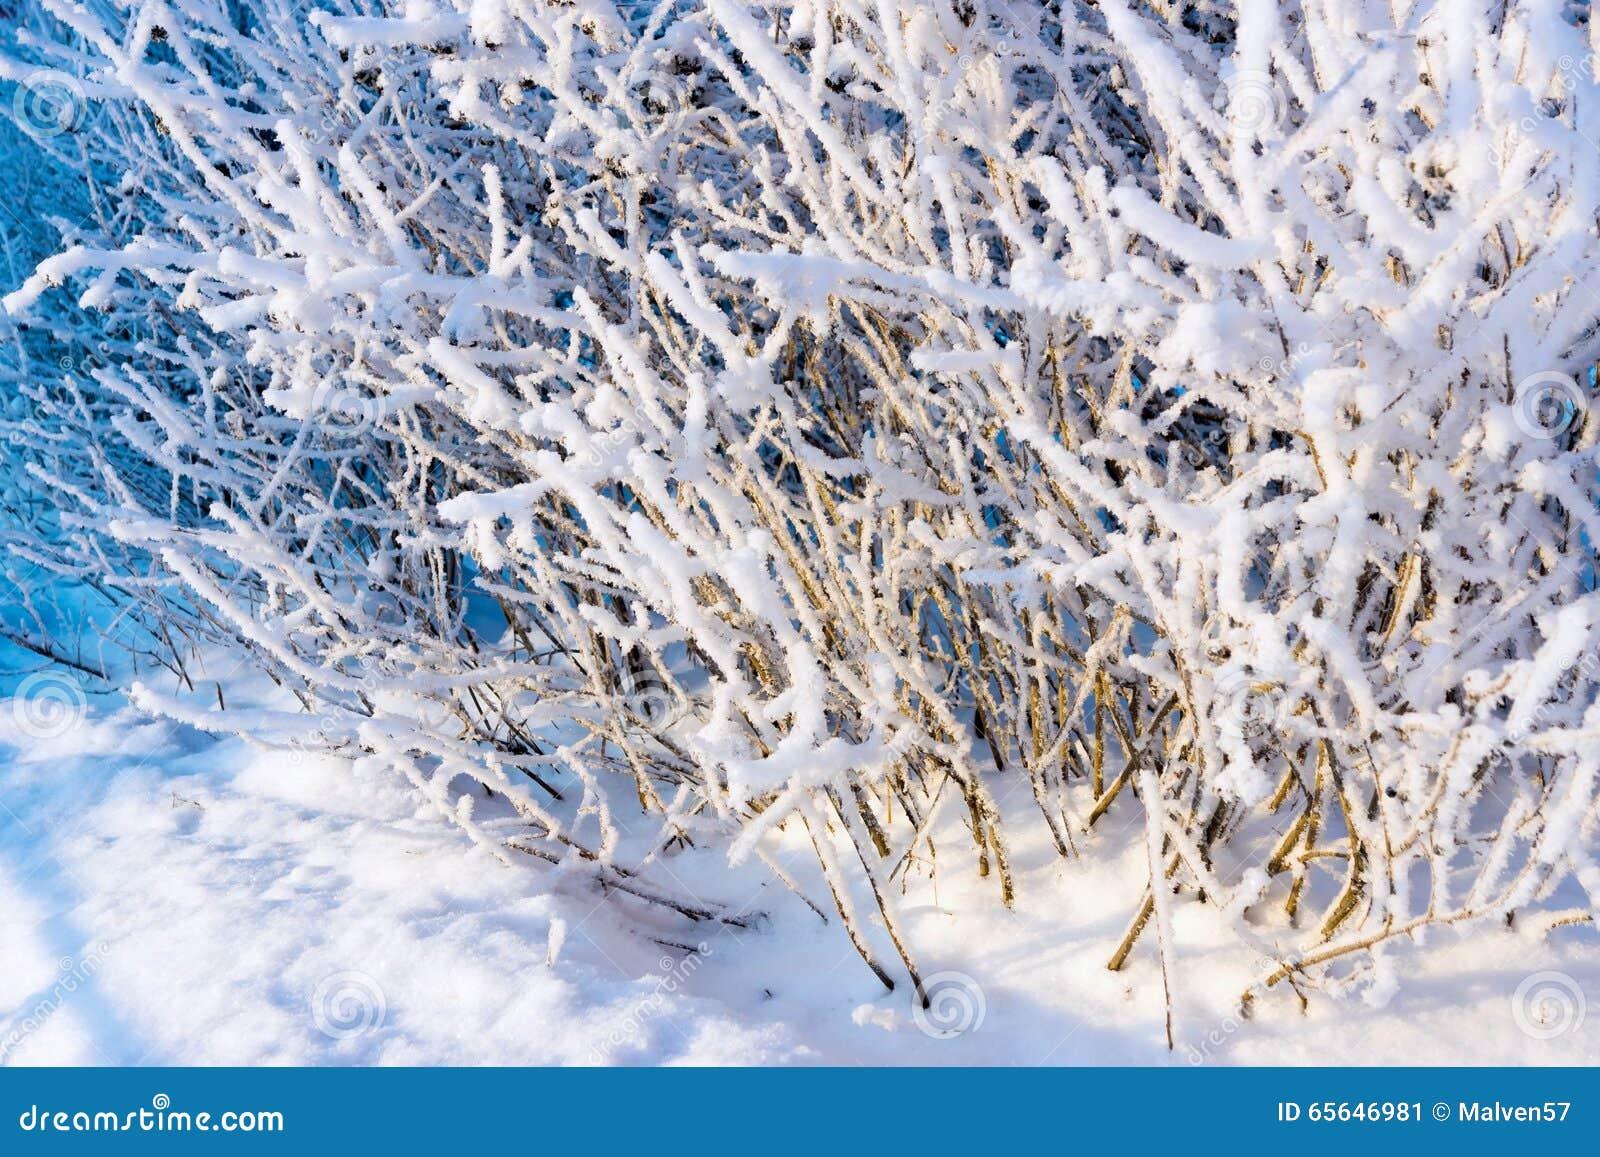 Arbre de branches avec la neige et les cristaux blancs pelucheux de la gelée